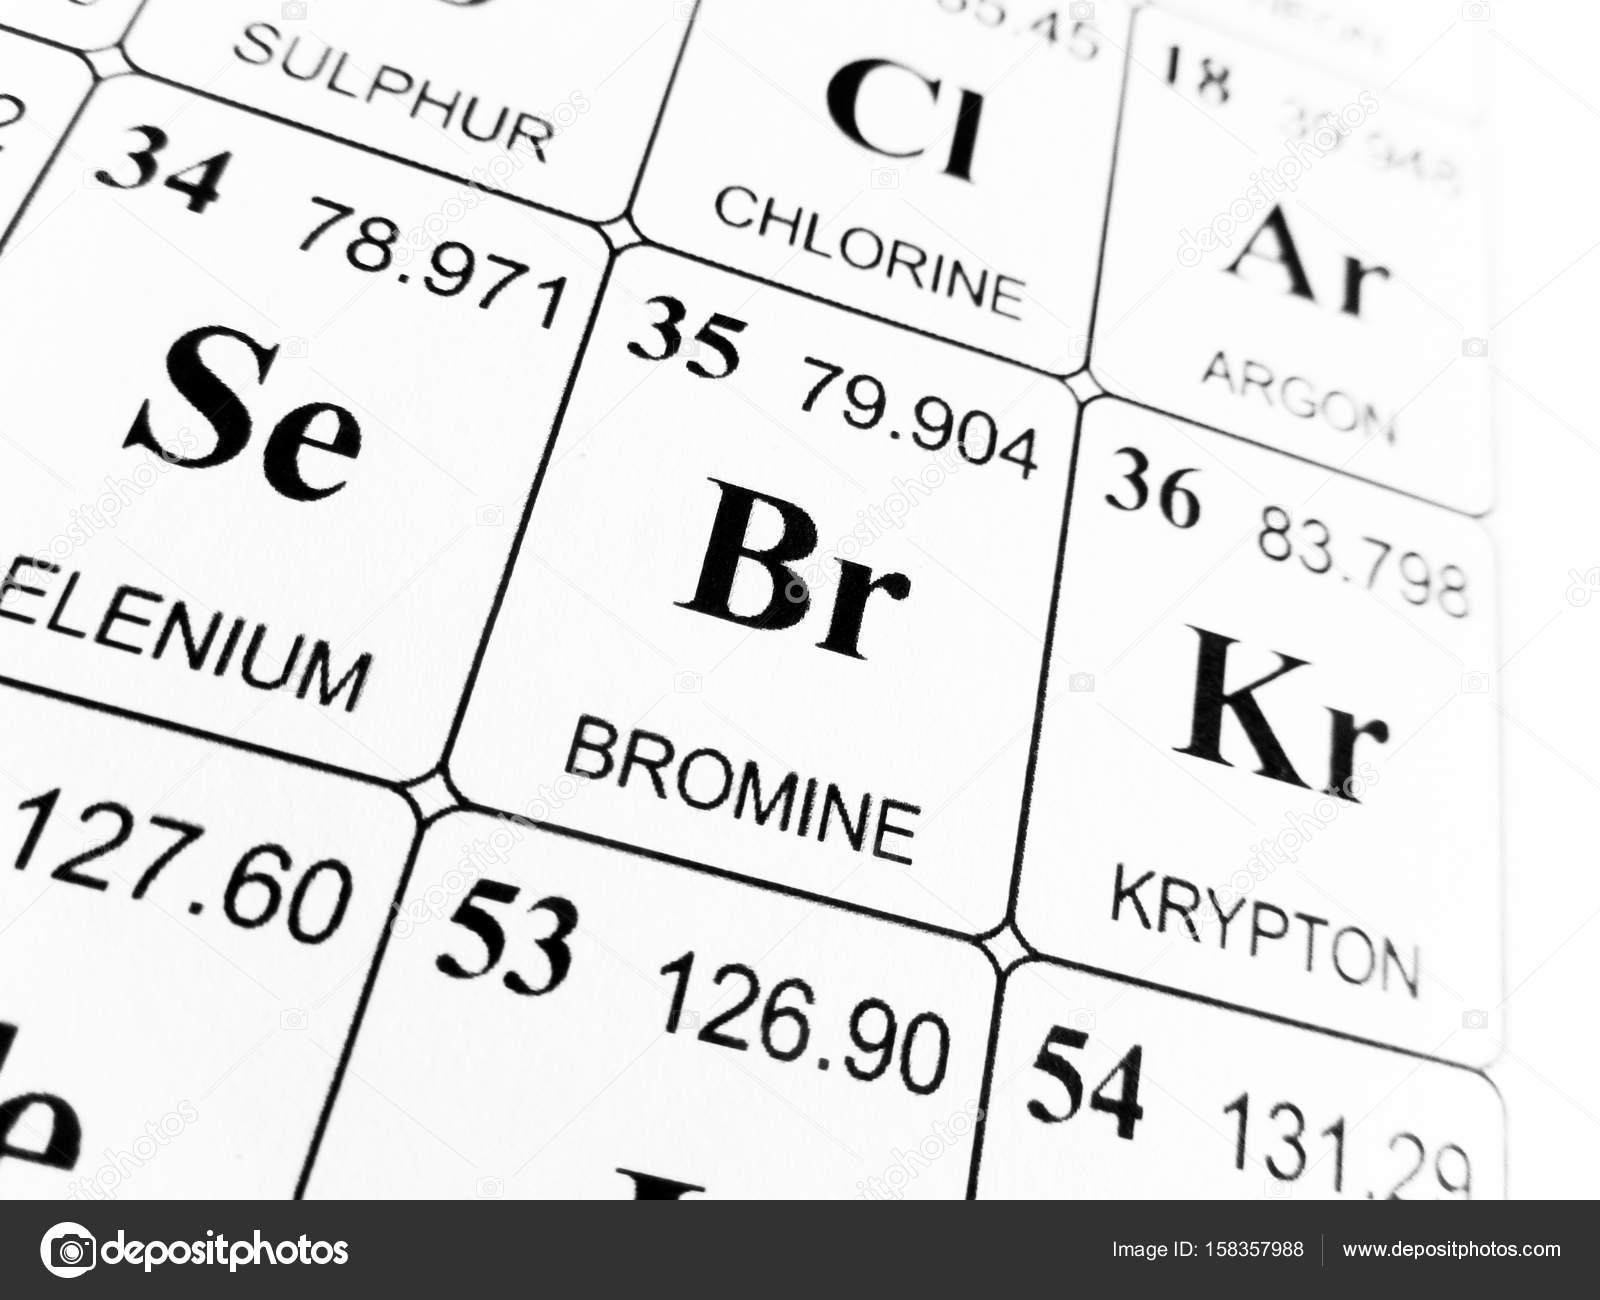 Bromo de la tabla peridica de los elementos fotos de stock bromo de la tabla peridica de los elementos foto de tonellophotography urtaz Images